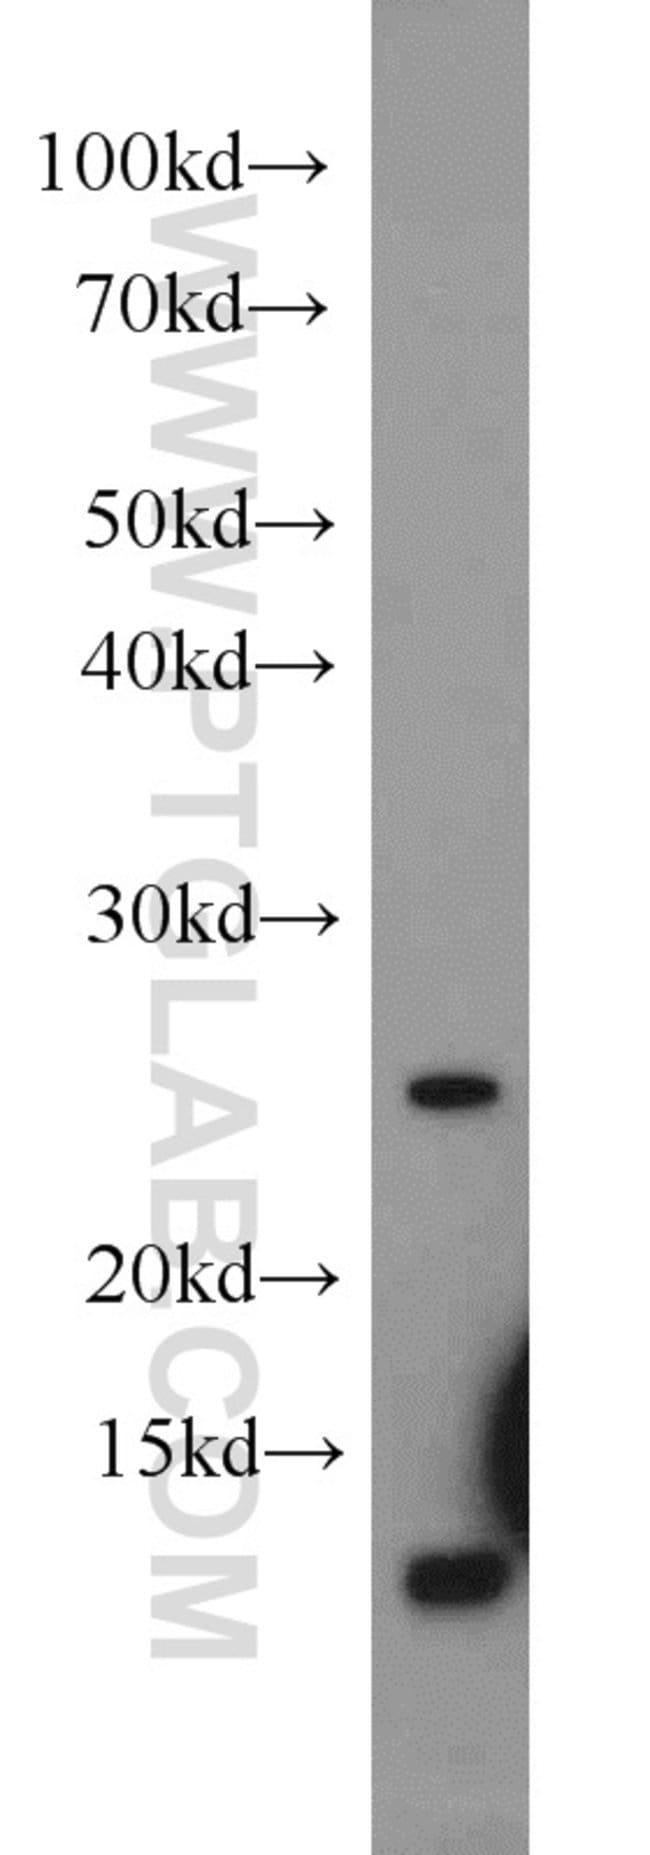 URM1 Rabbit anti-Human, Mouse, Rat, Polyclonal, Proteintech 150 μL; Unconjugated voir les résultats